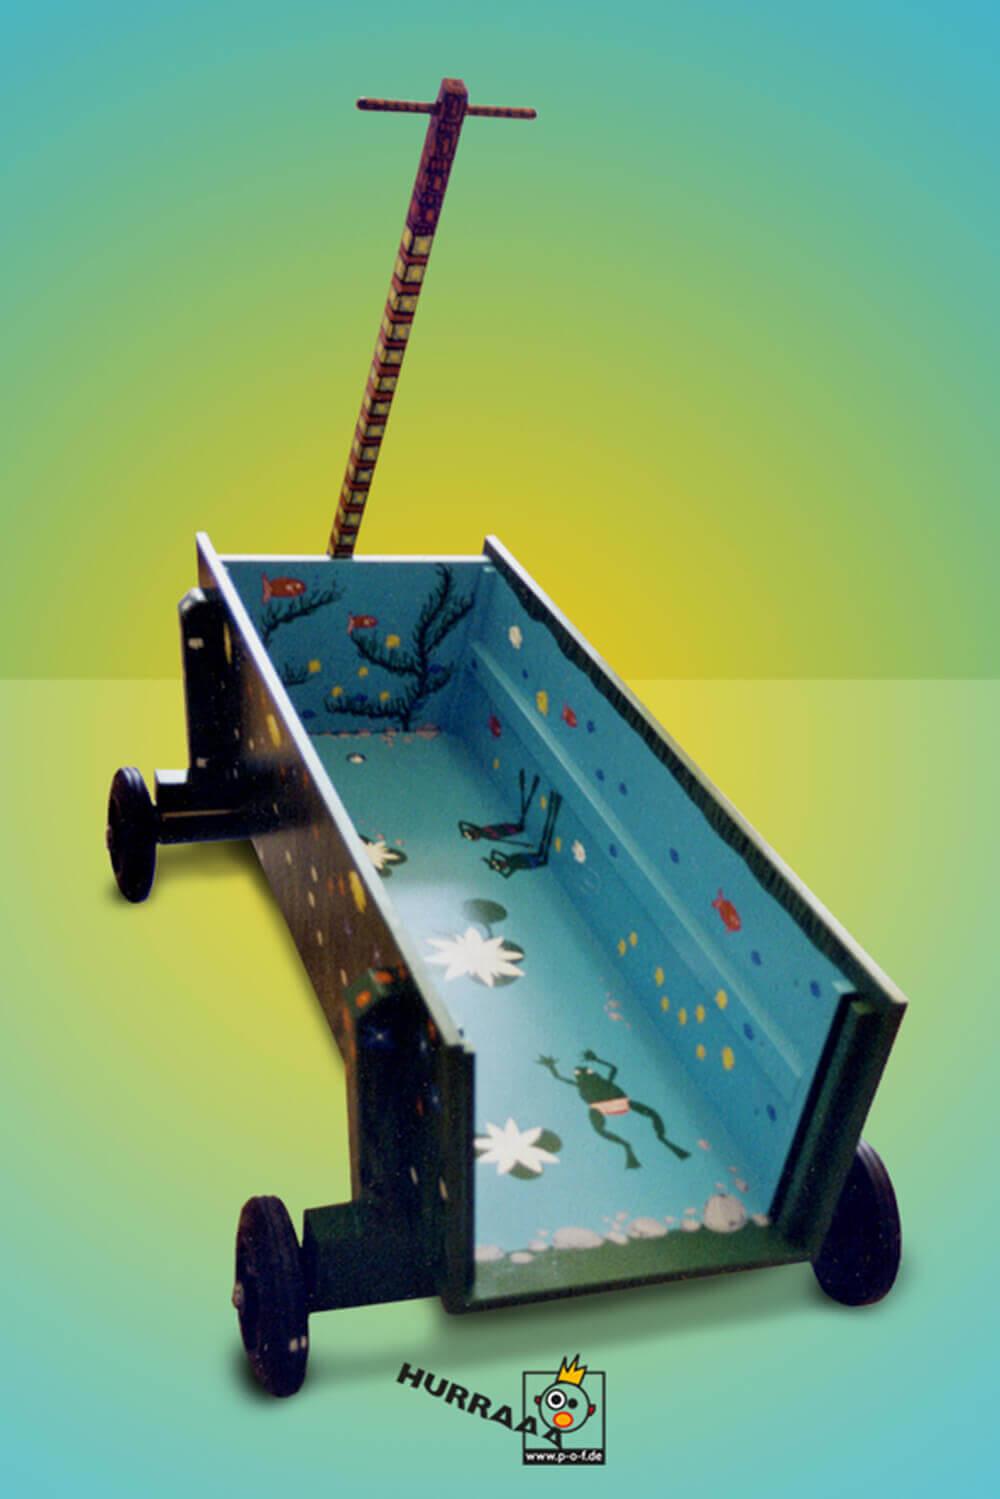 bunt bemalter Bollerwagen - Sicht auf Wassermotiv